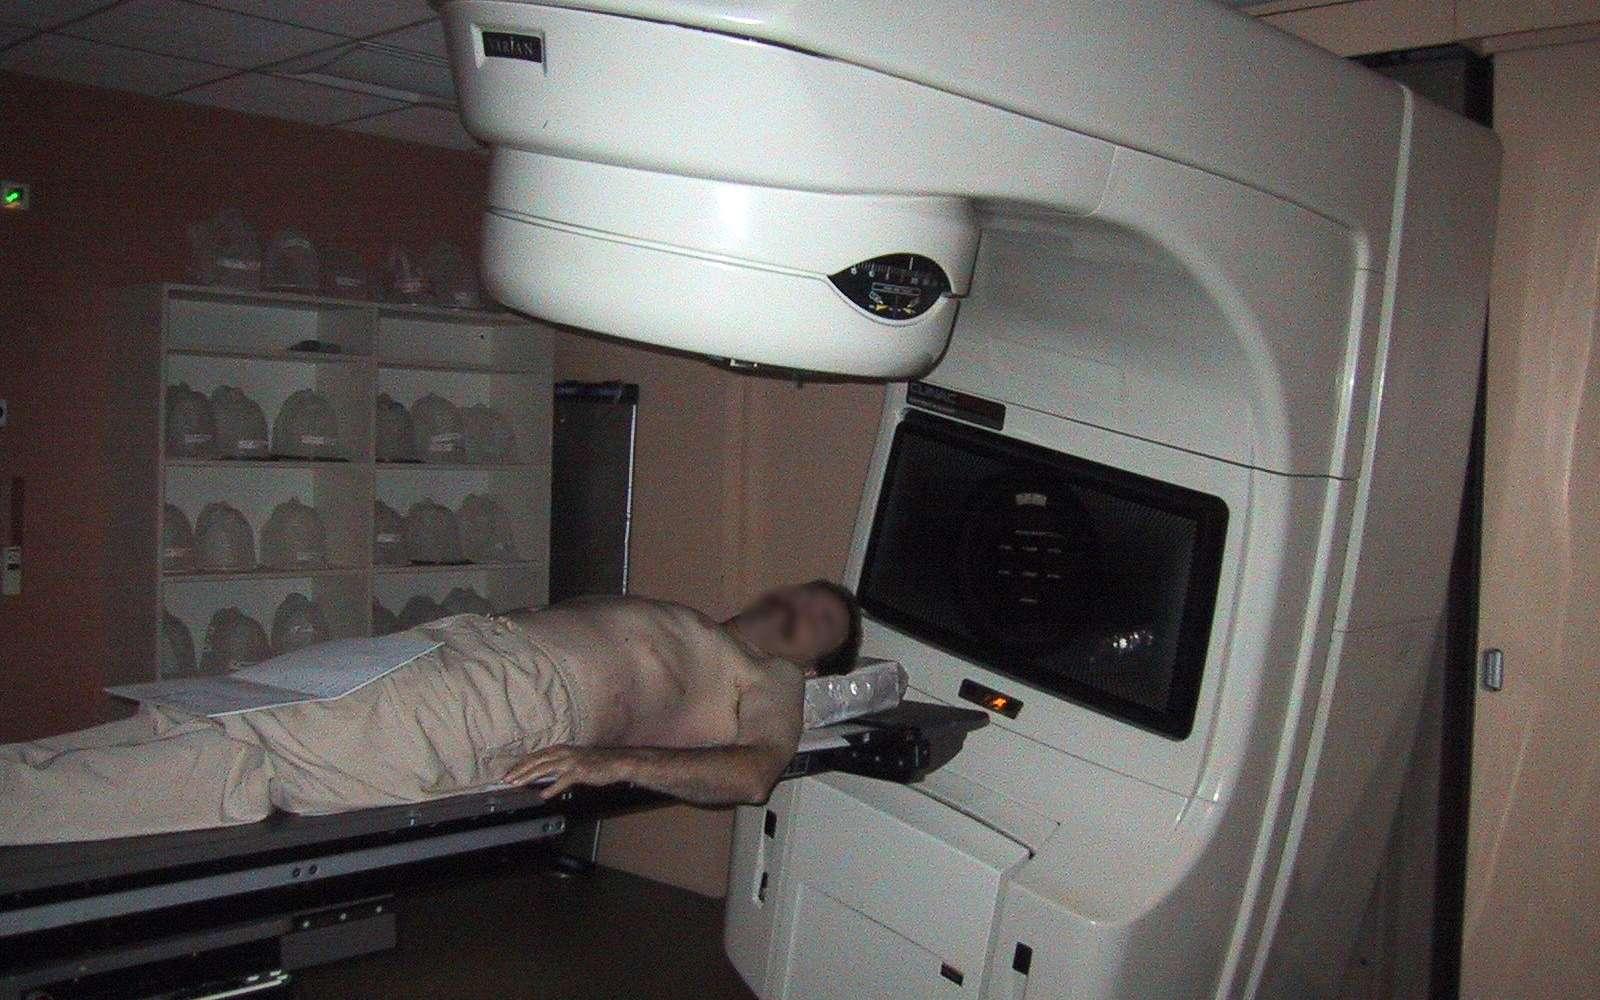 Un patient subissant une séance de radiothérapie. Crédit : GDFL-wikipédia